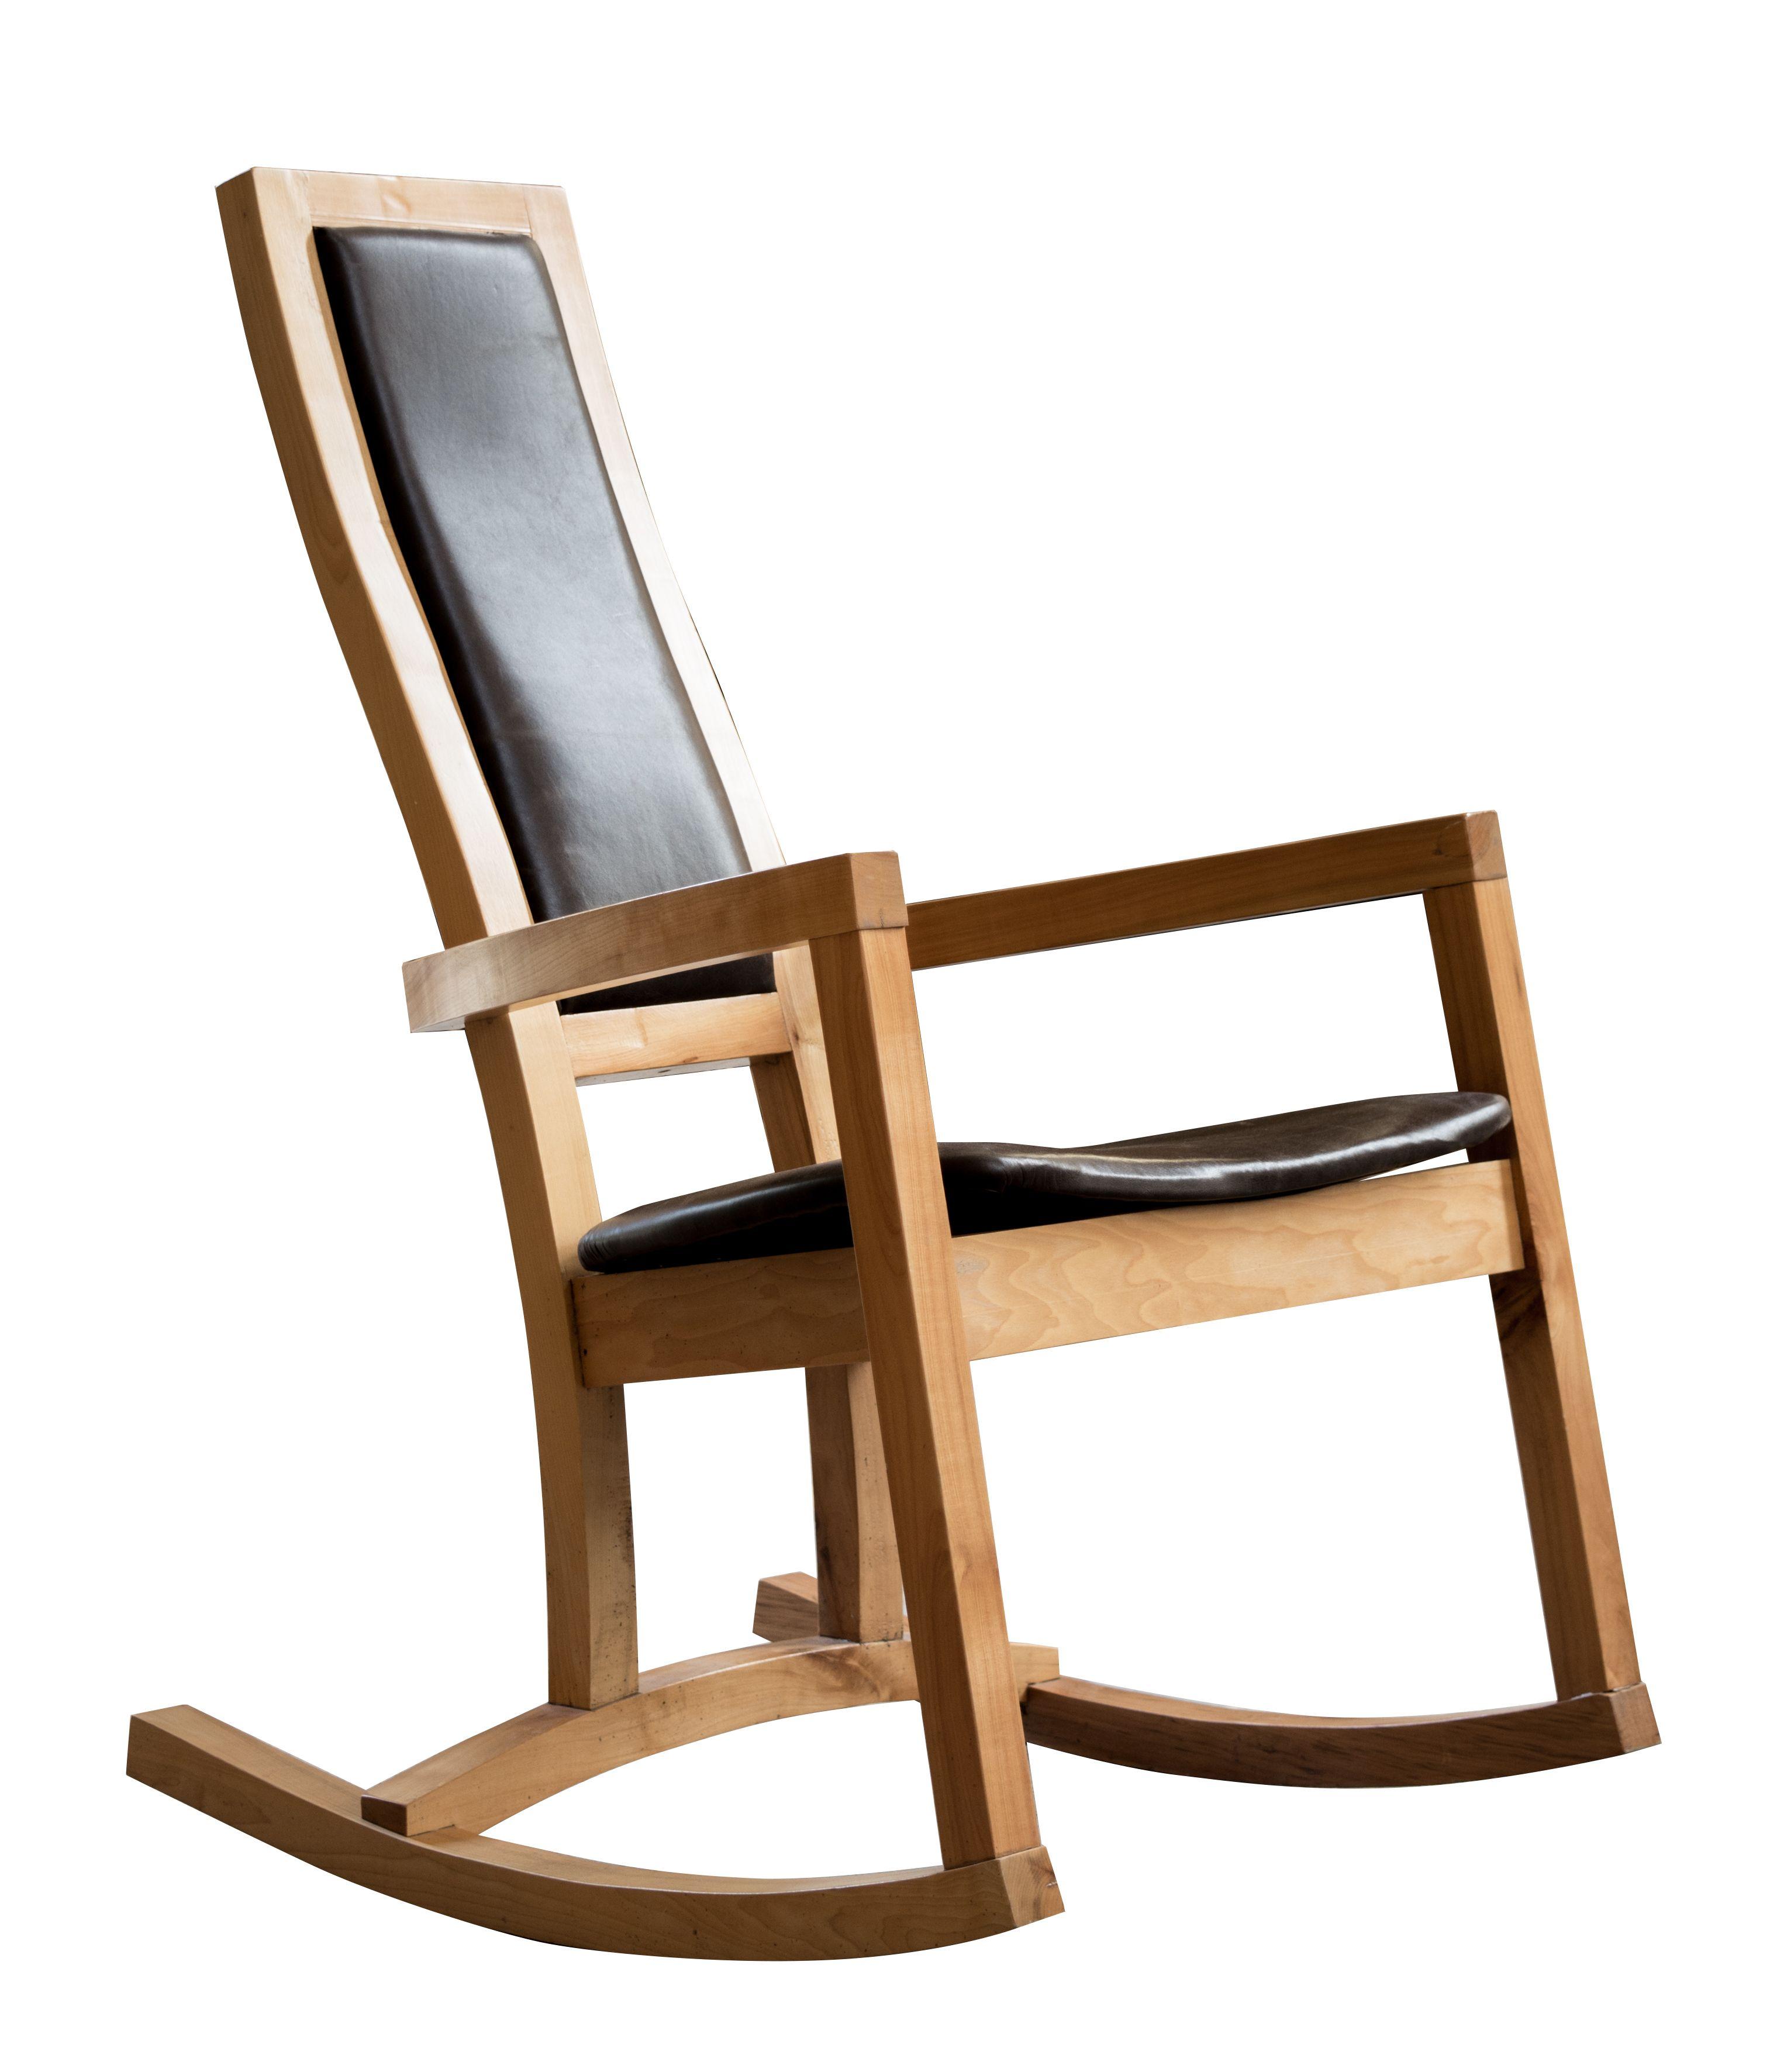 74eb04a06 Silla Mecedora Fabricada en madera Maciza de Lenga Premio Innovar, 2017,  Argentina Sello Buen